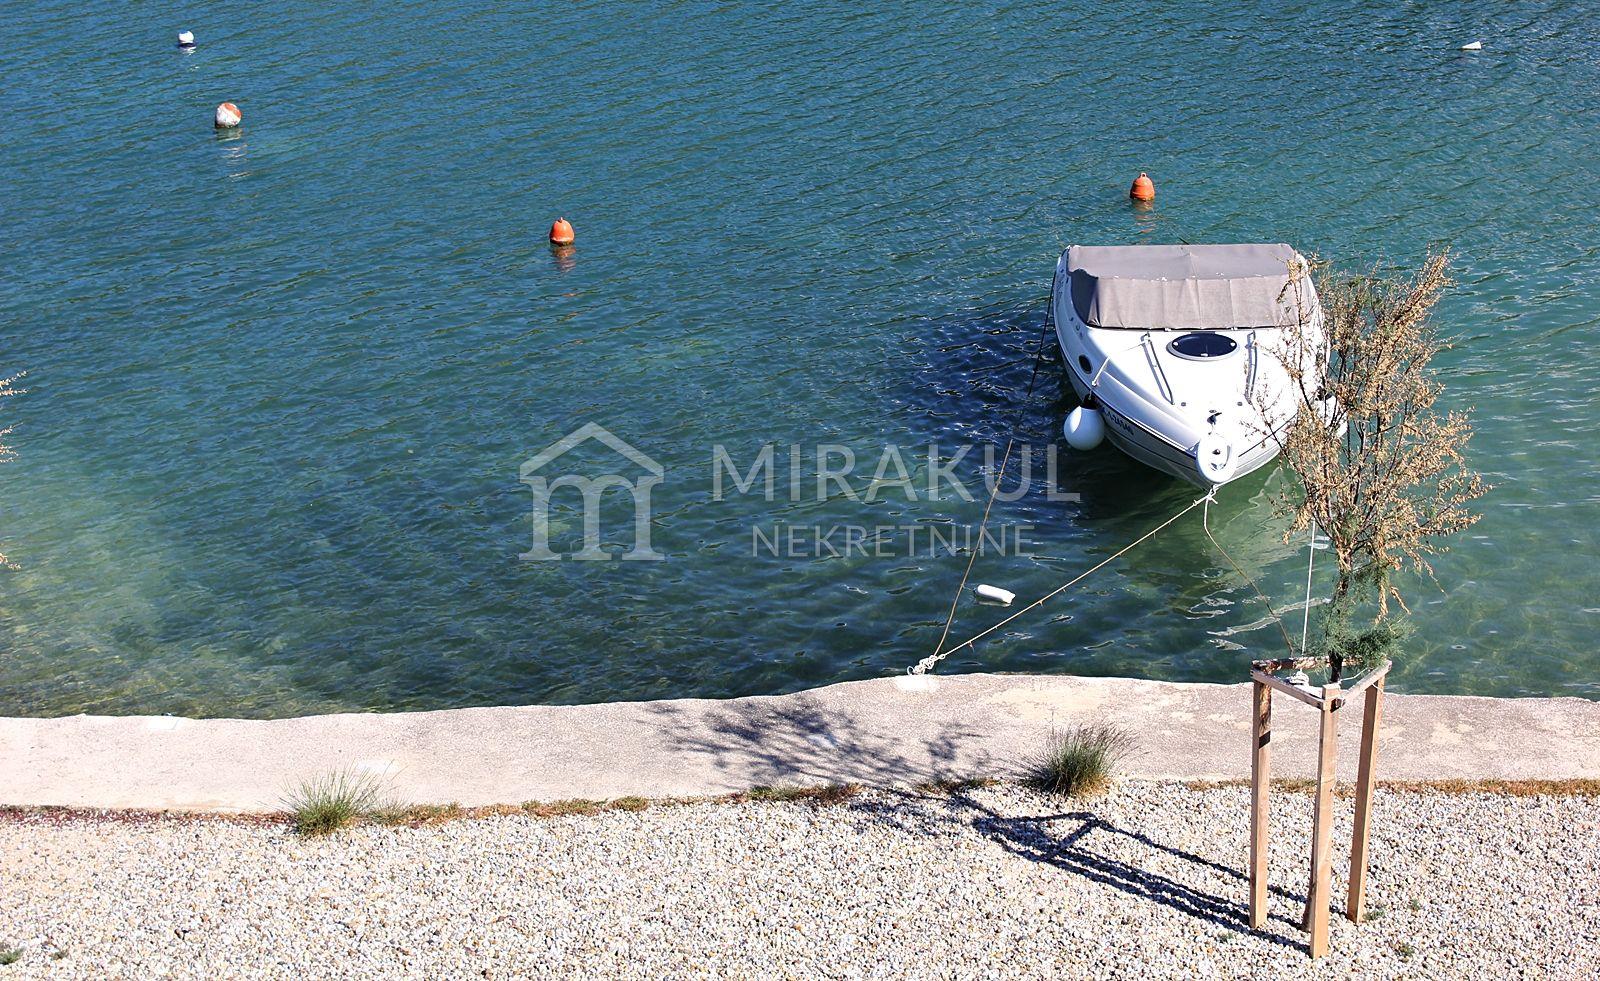 Ingatlan Pirovac Horvátország, ház, Mirakul ingatlaniroda, ID - KP-520, Közvetlen a tengerparton - Ház 3 lakással 8